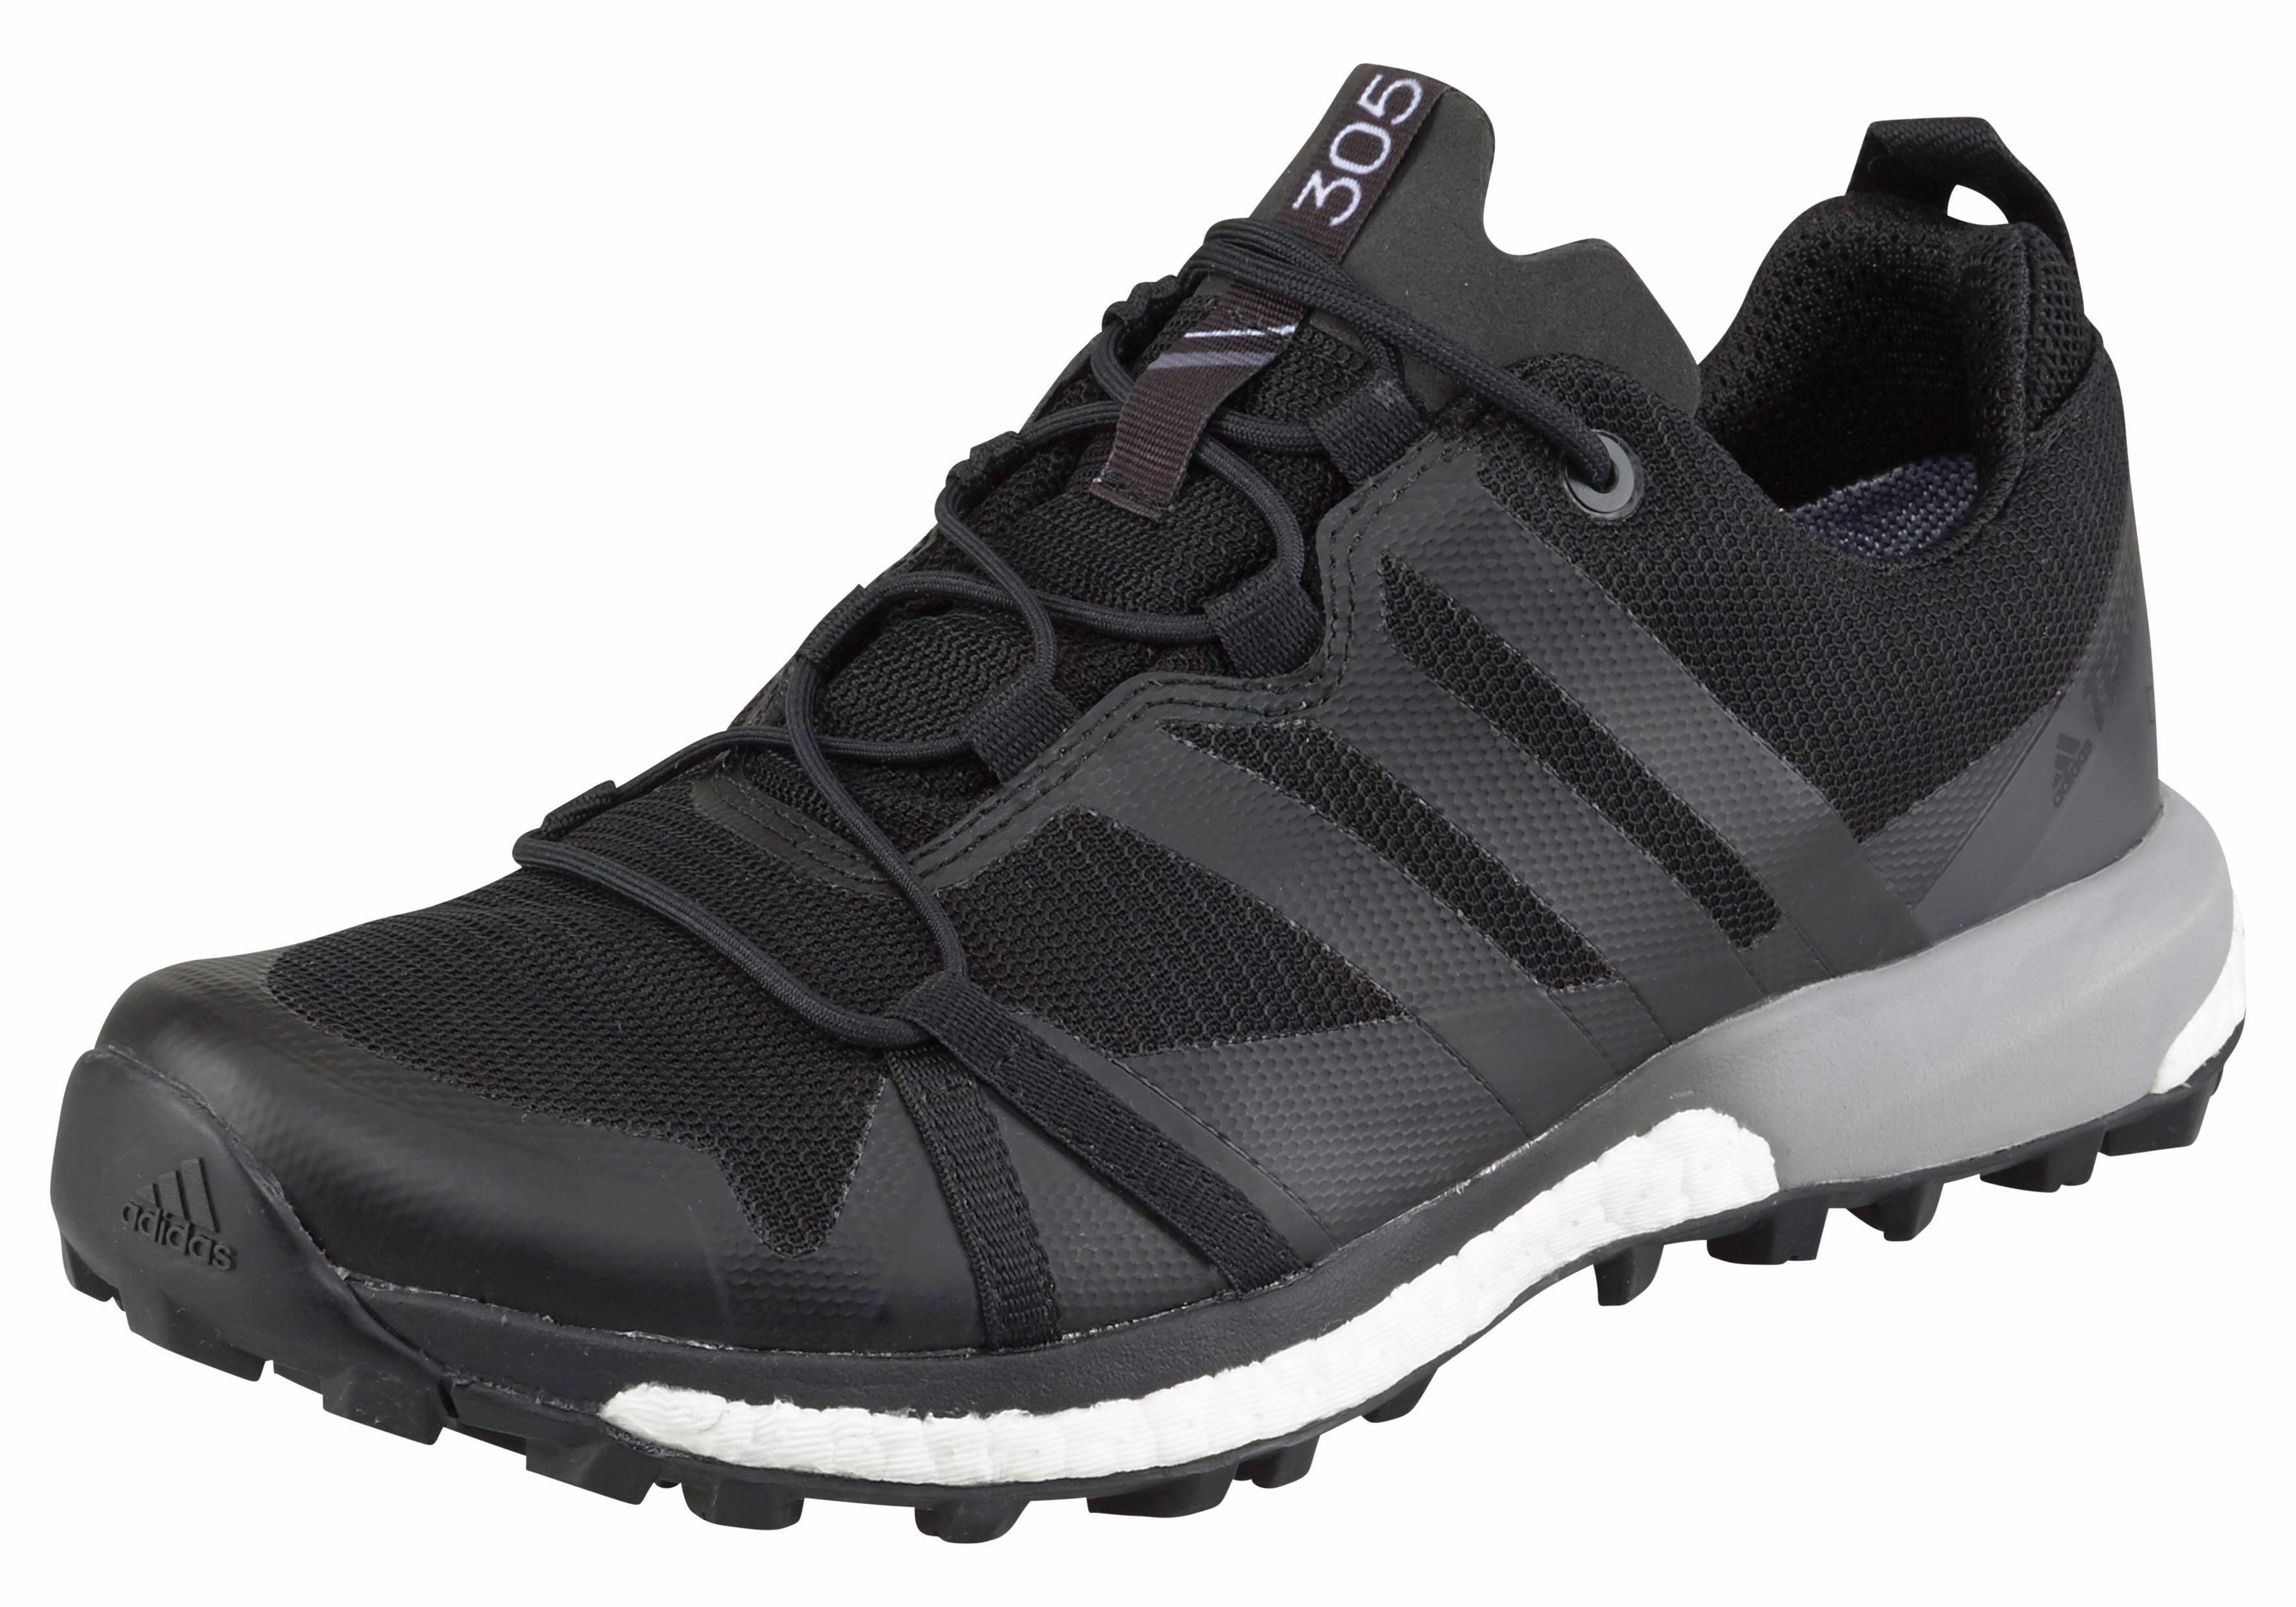 adidas Performance Terrex Agravic Goretex Outdoorschuh, mit wassedichter Membran online kaufen  schwarz